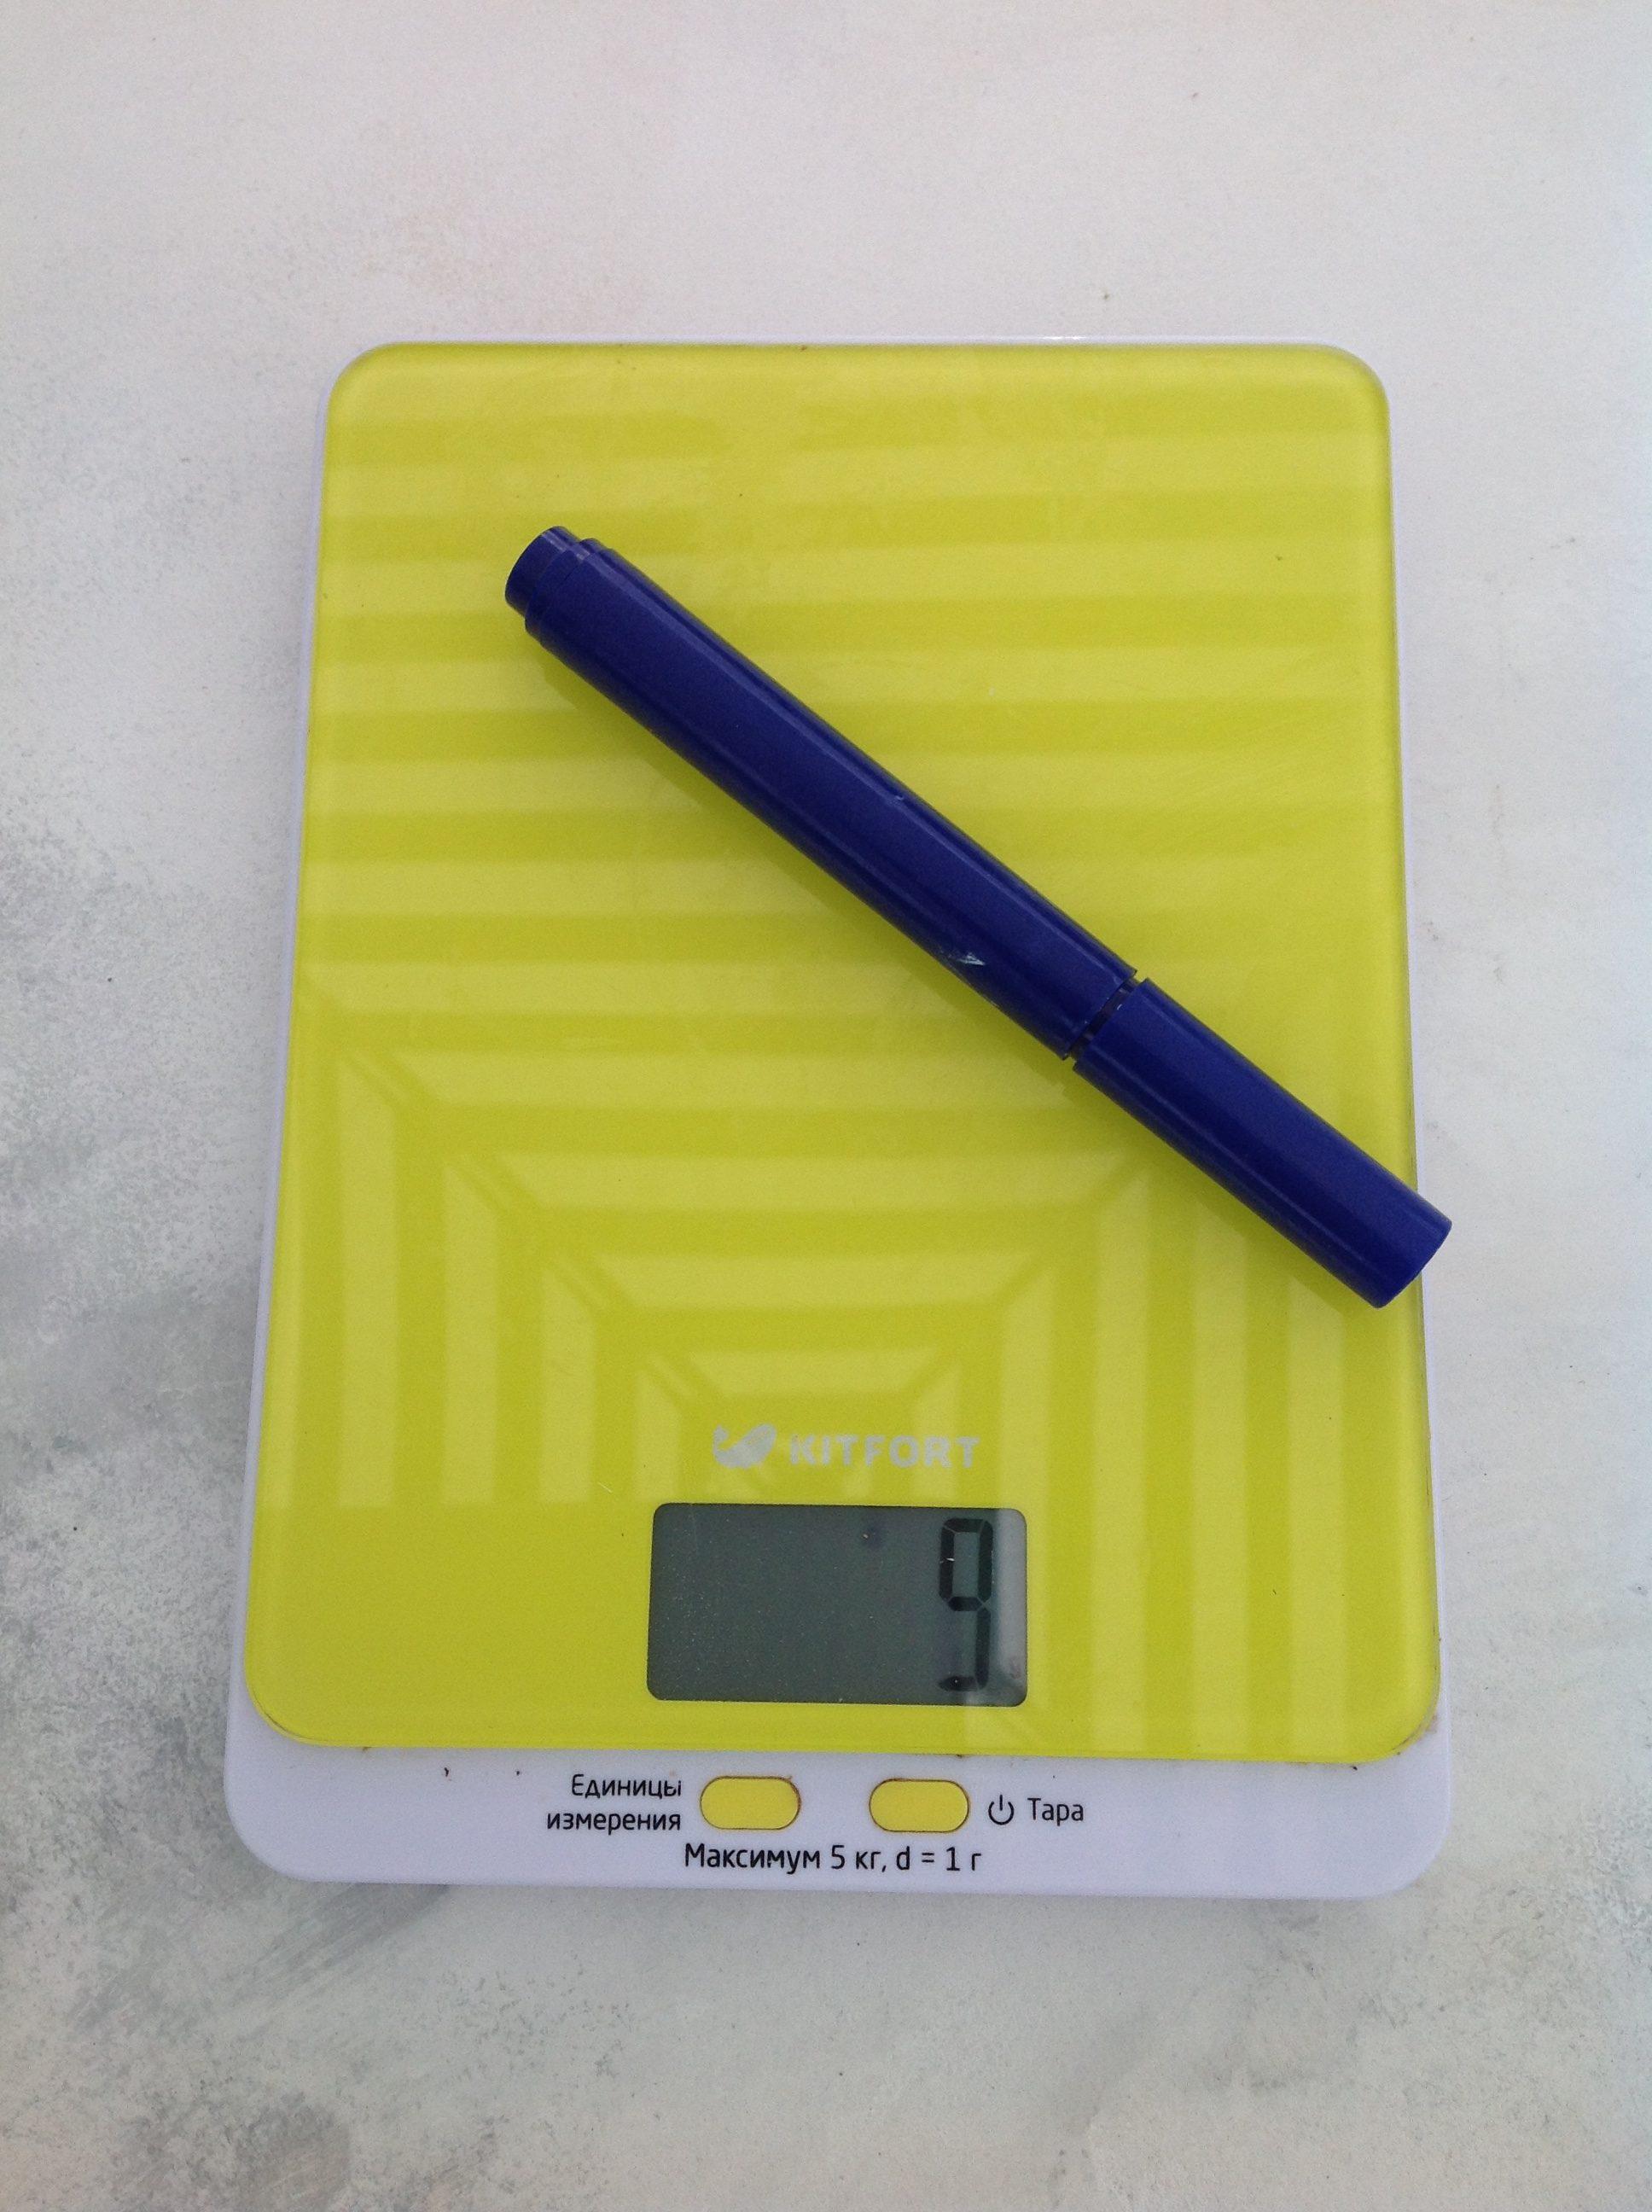 вес маркера